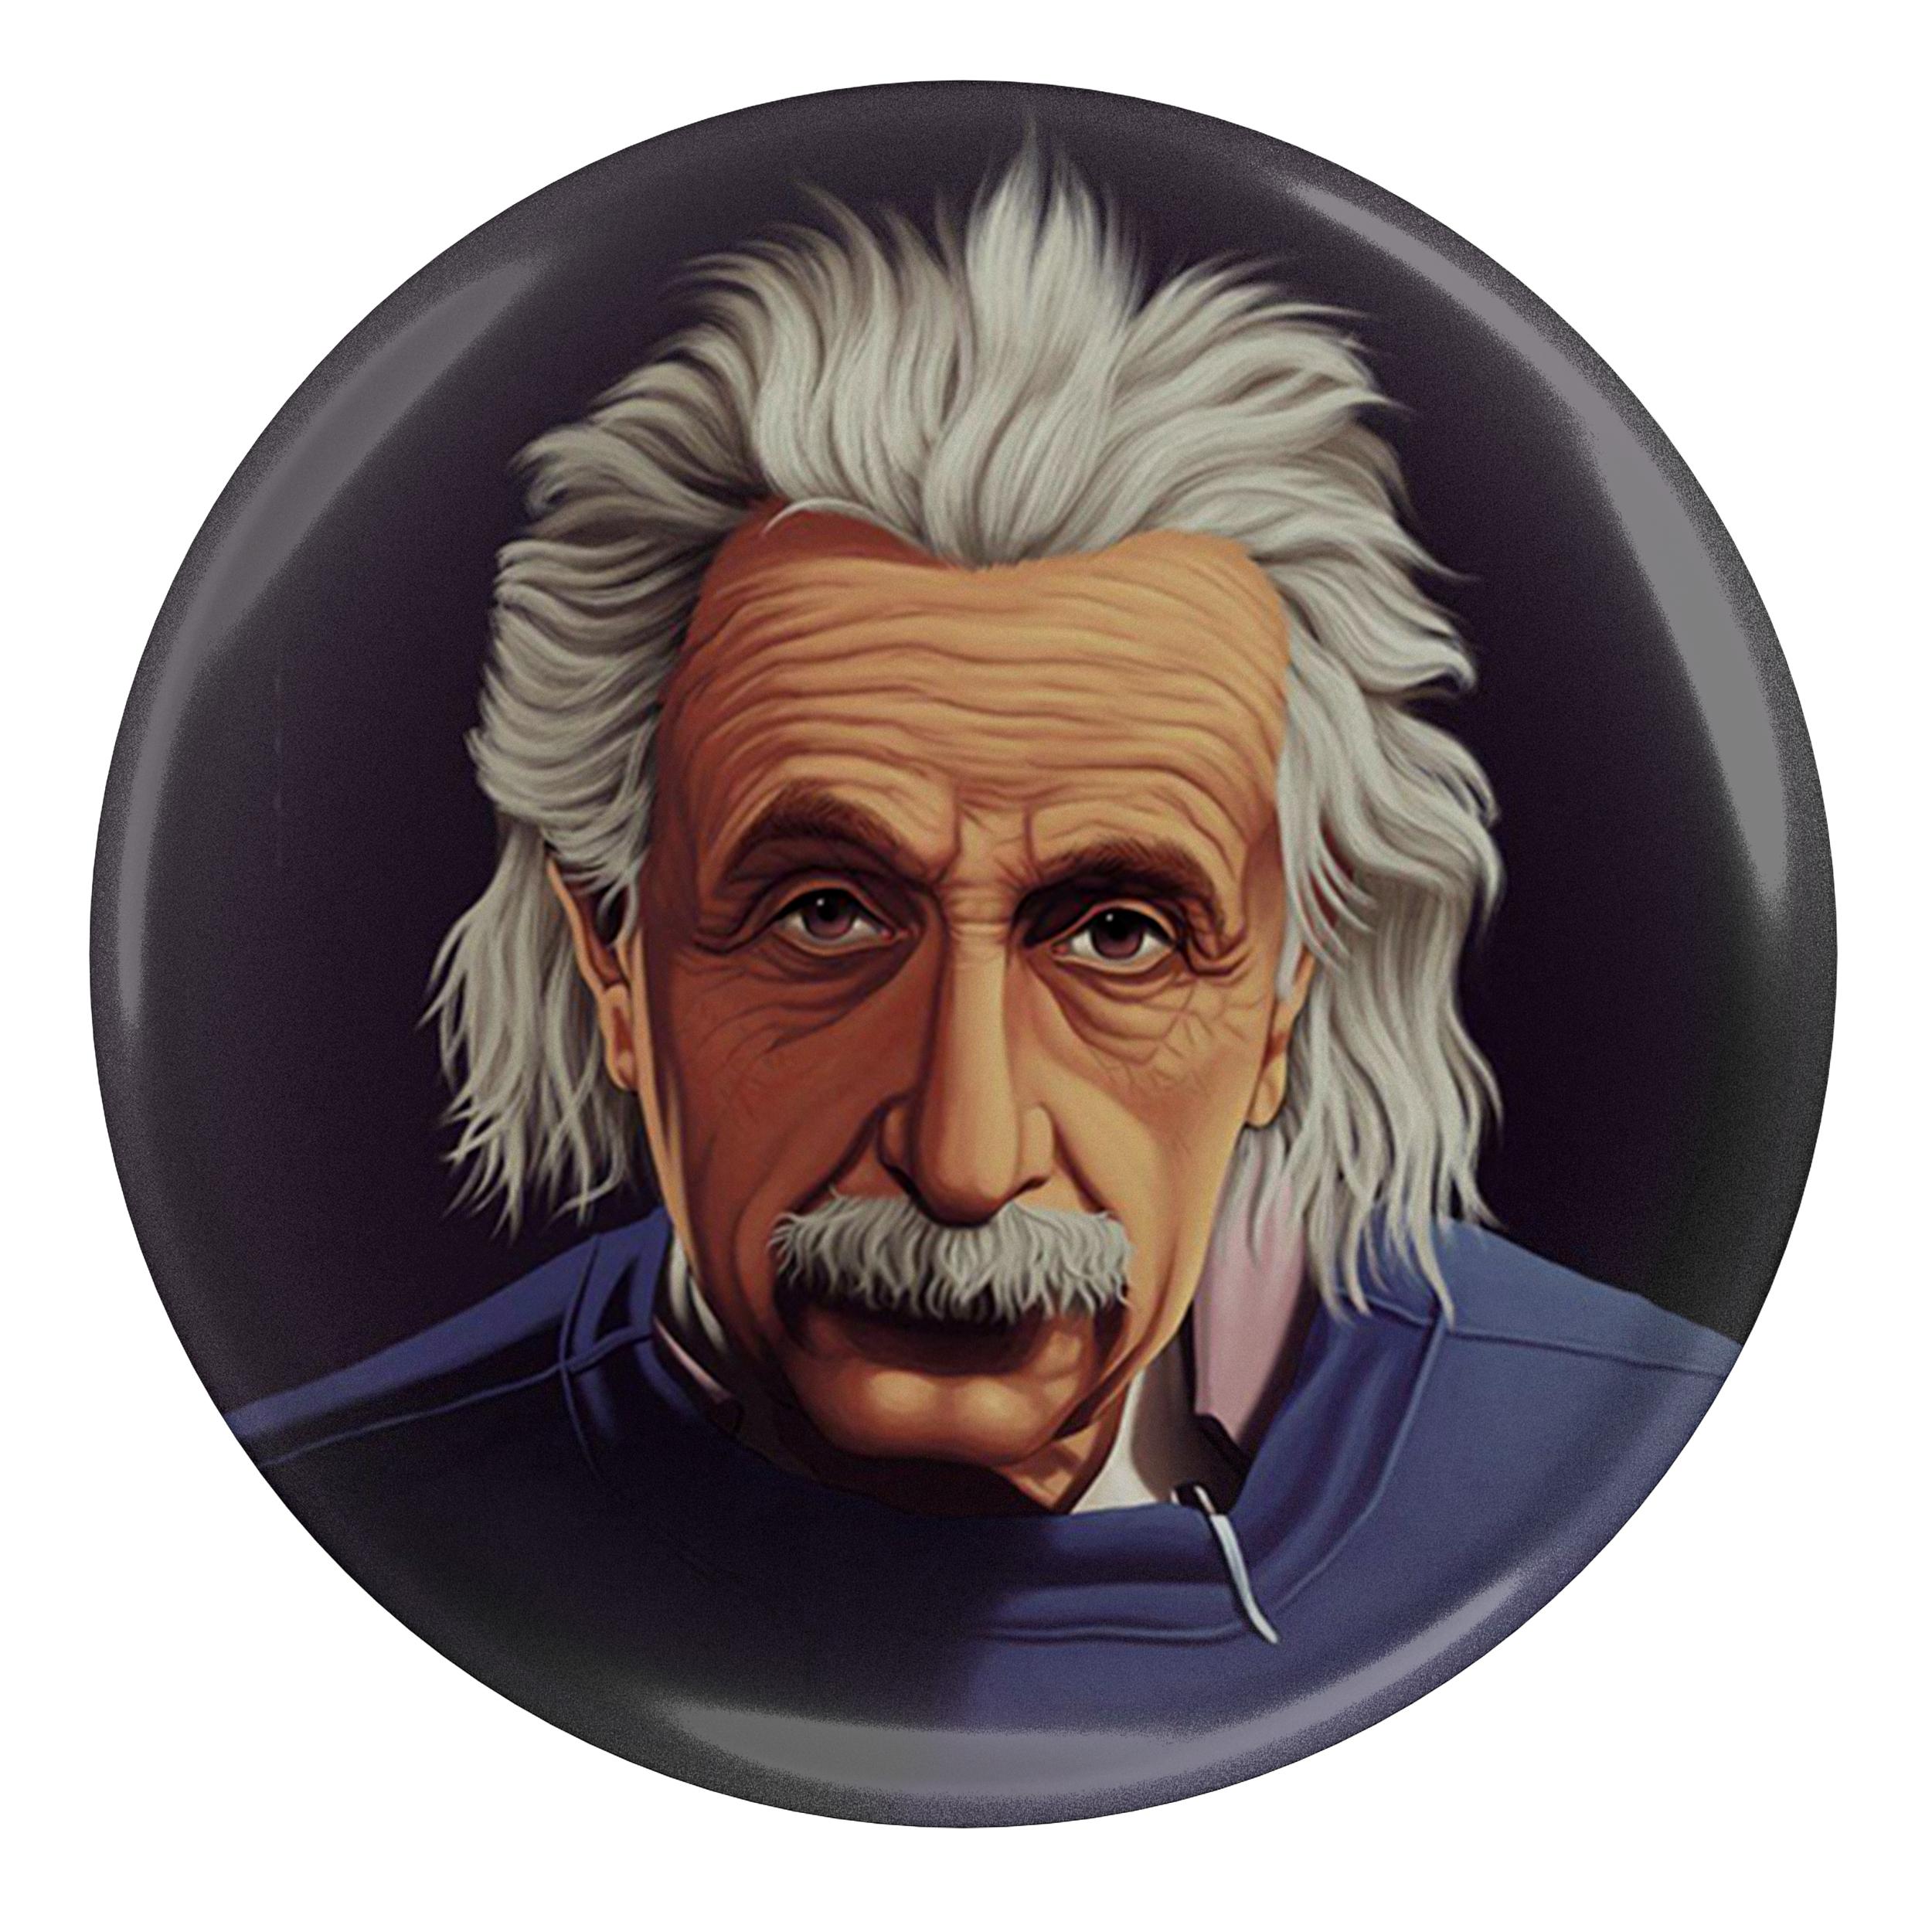 پیکسل طرح انیشتین مدل S1281